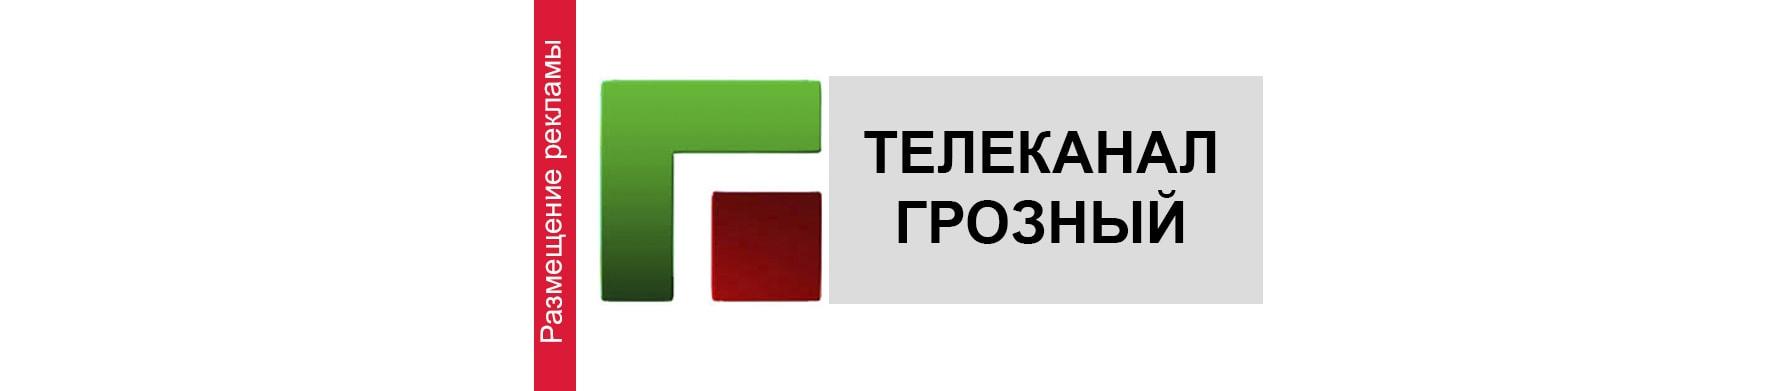 Реклама на телевидении в Чечне Грозный